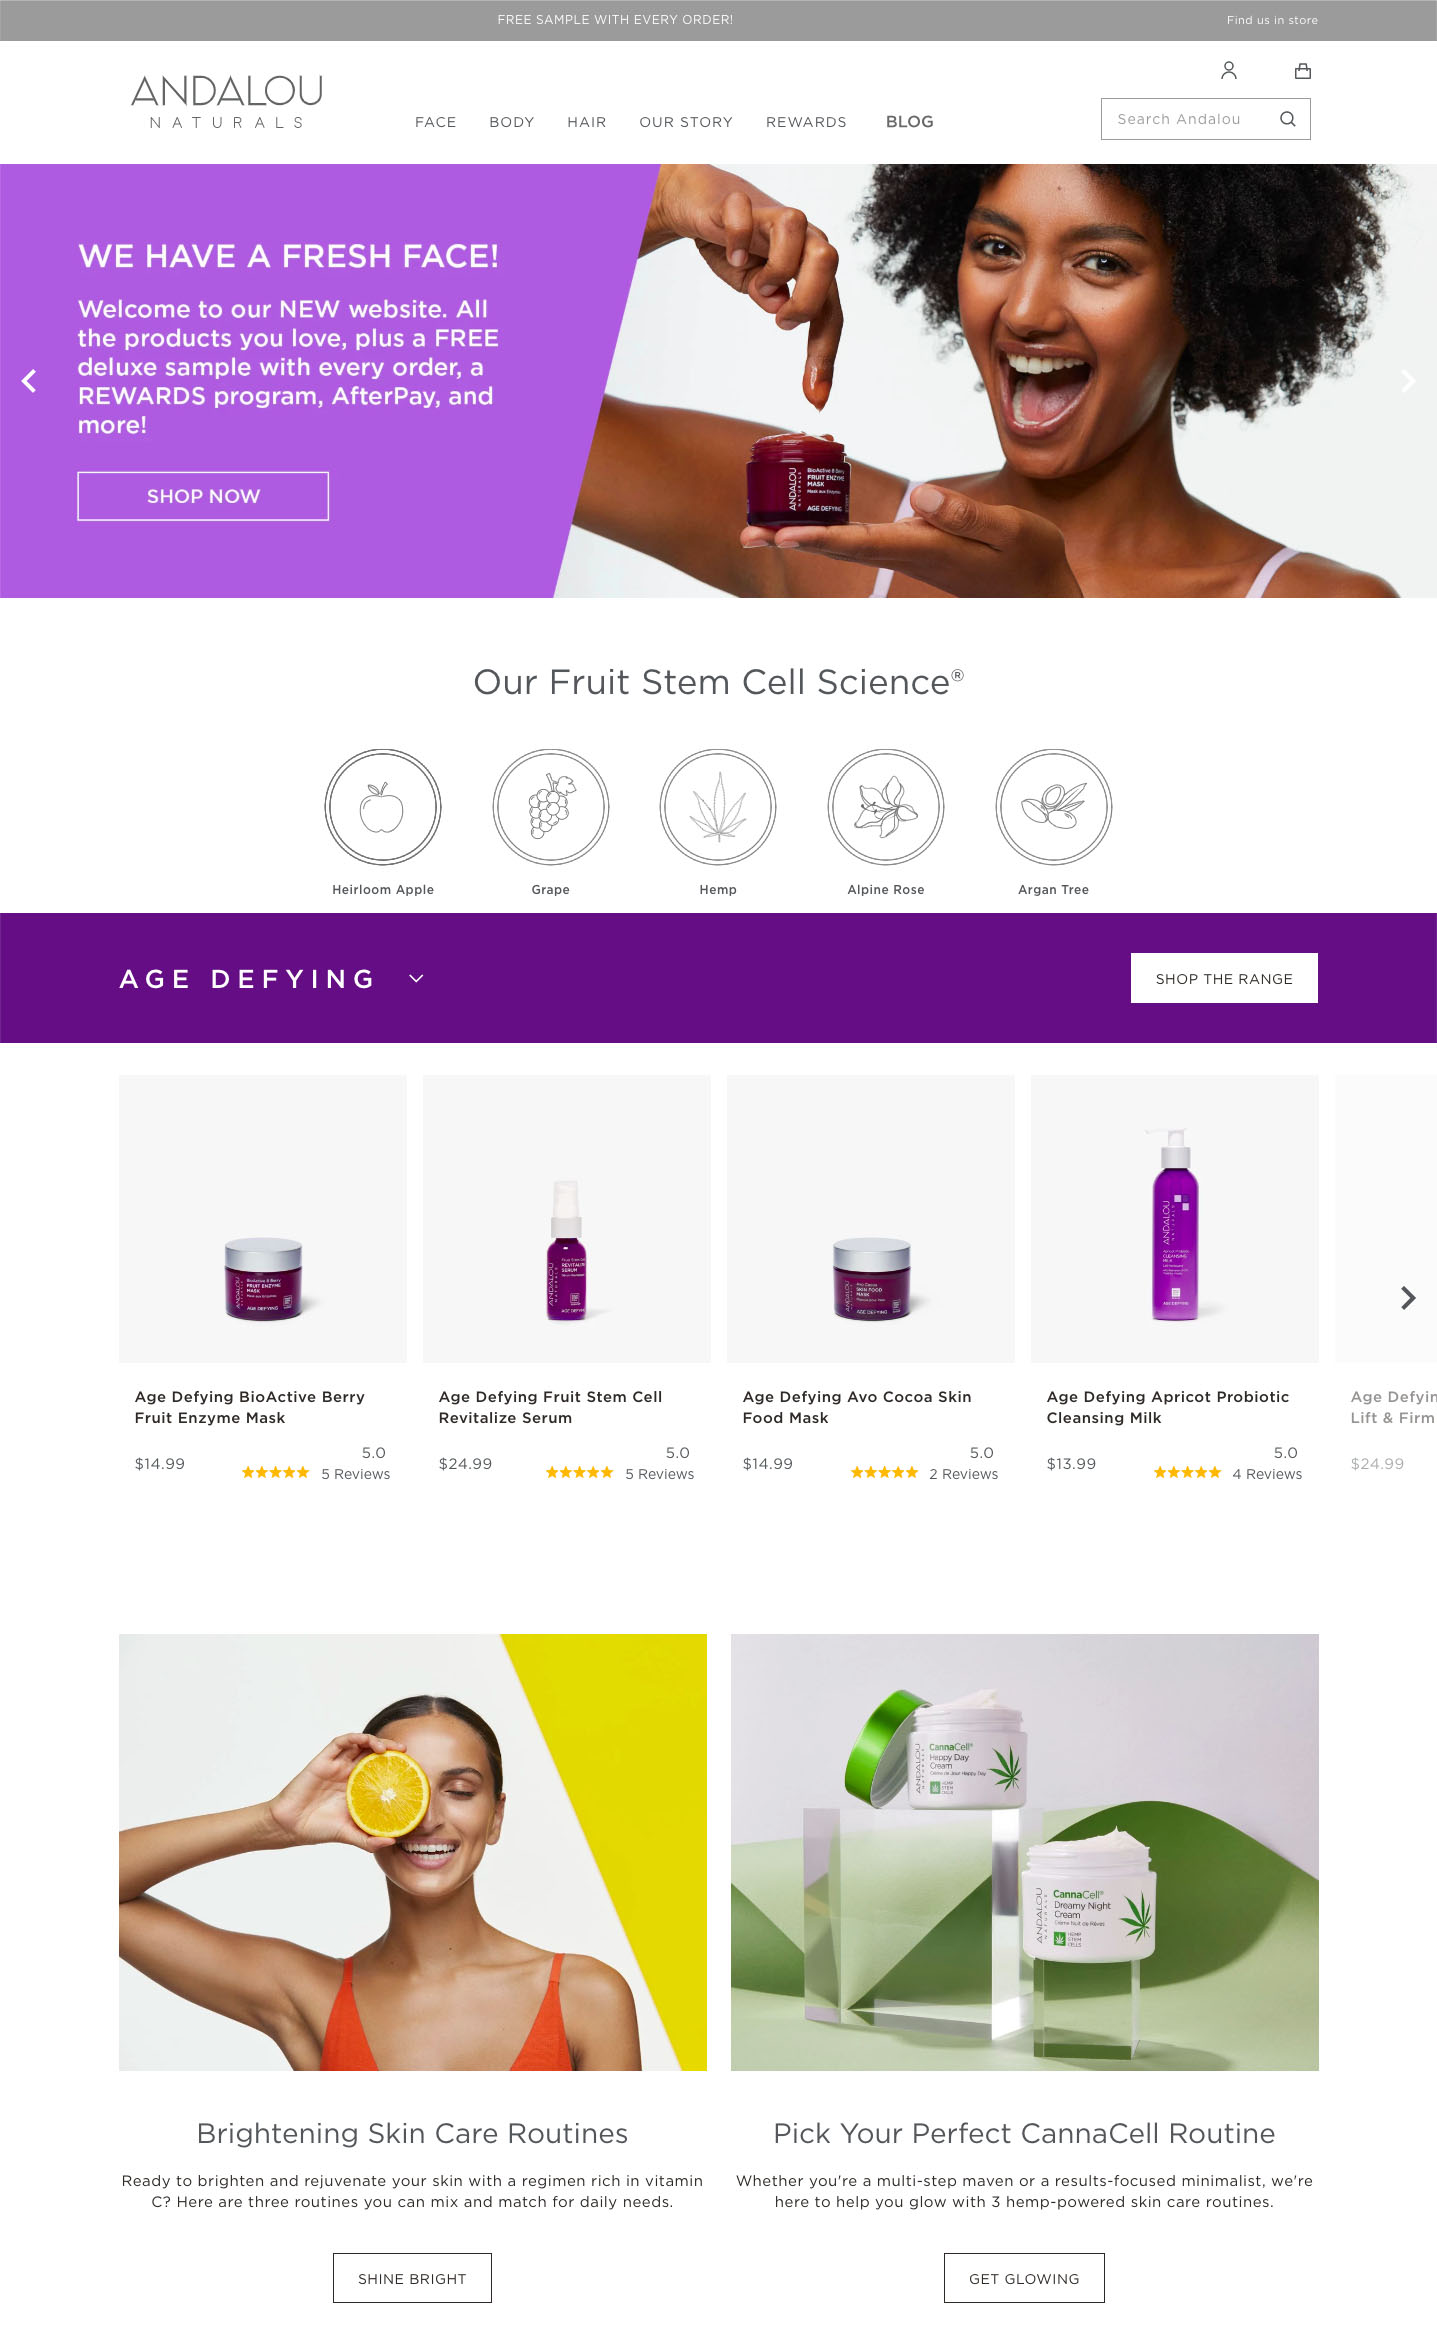 Andalou.com Website Relaunch